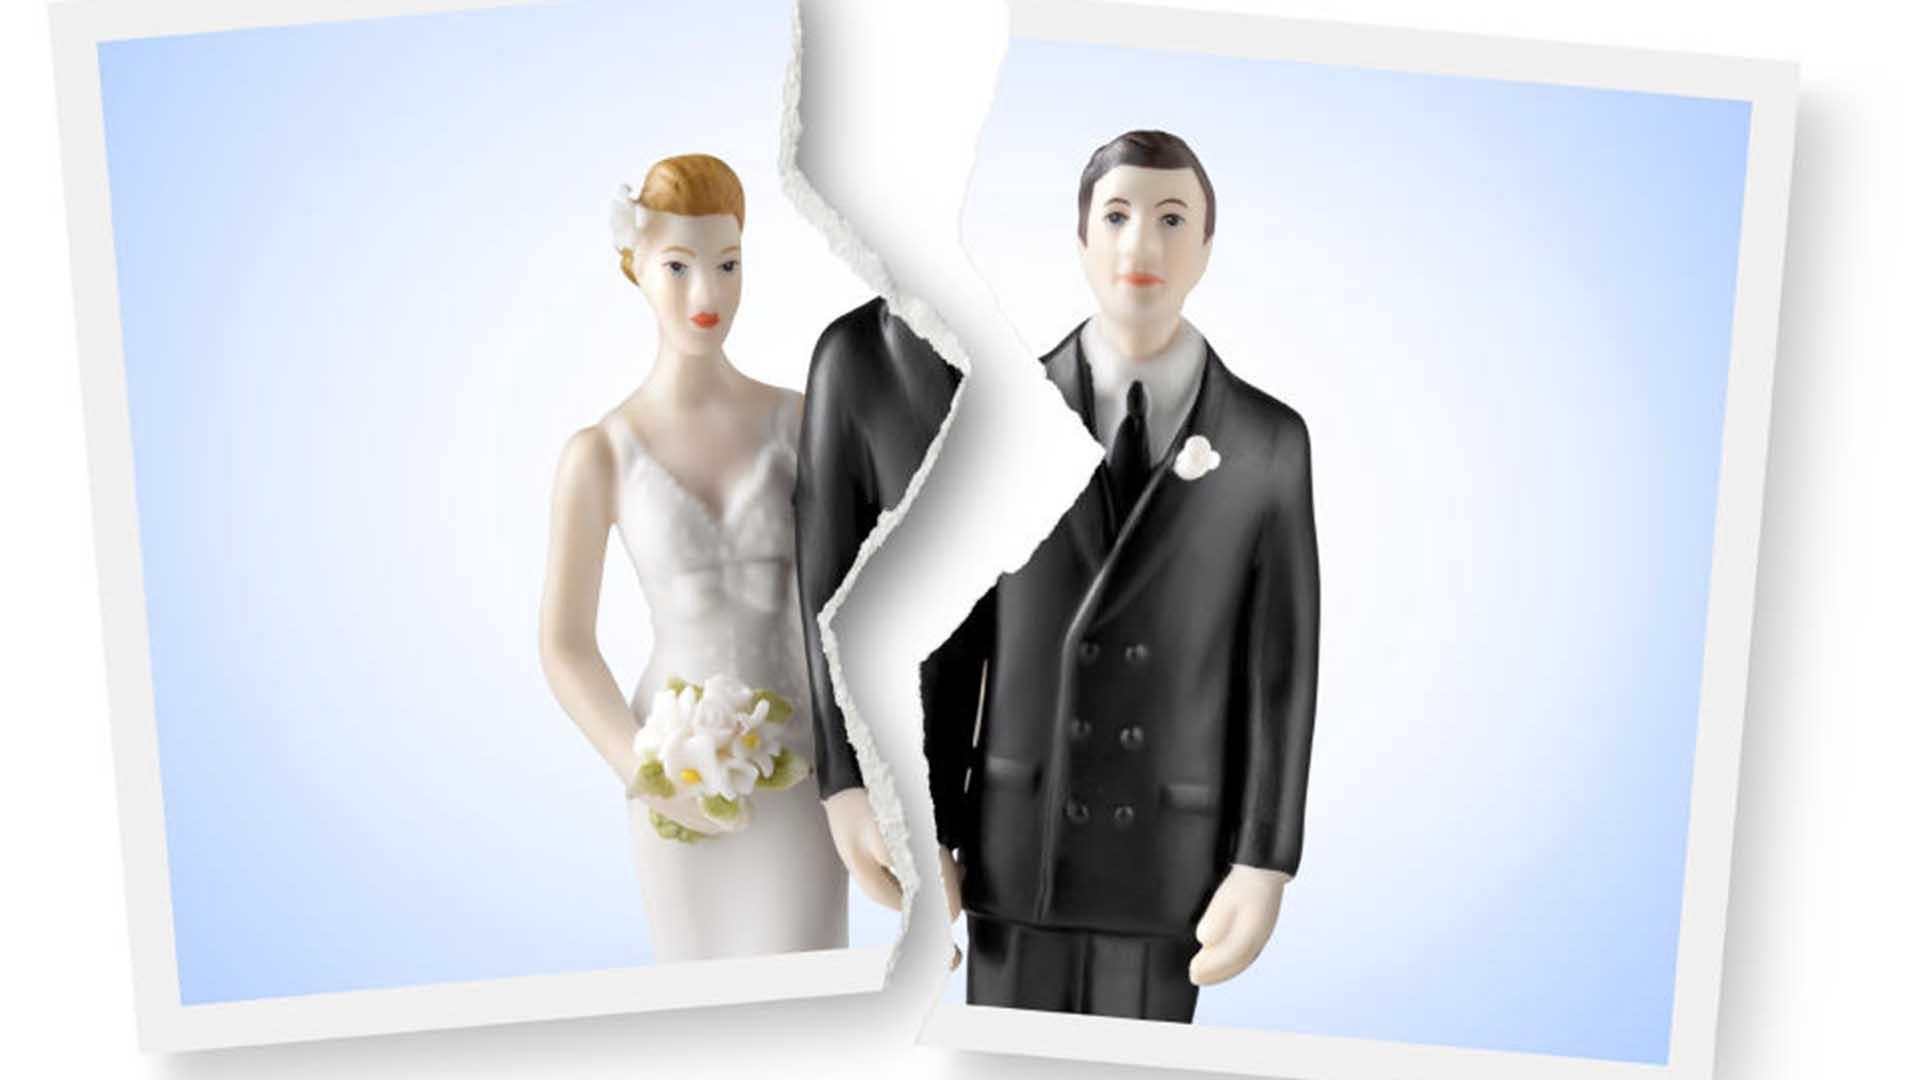 L'ex moglie, dopo il divorzio, ha una nuova re...